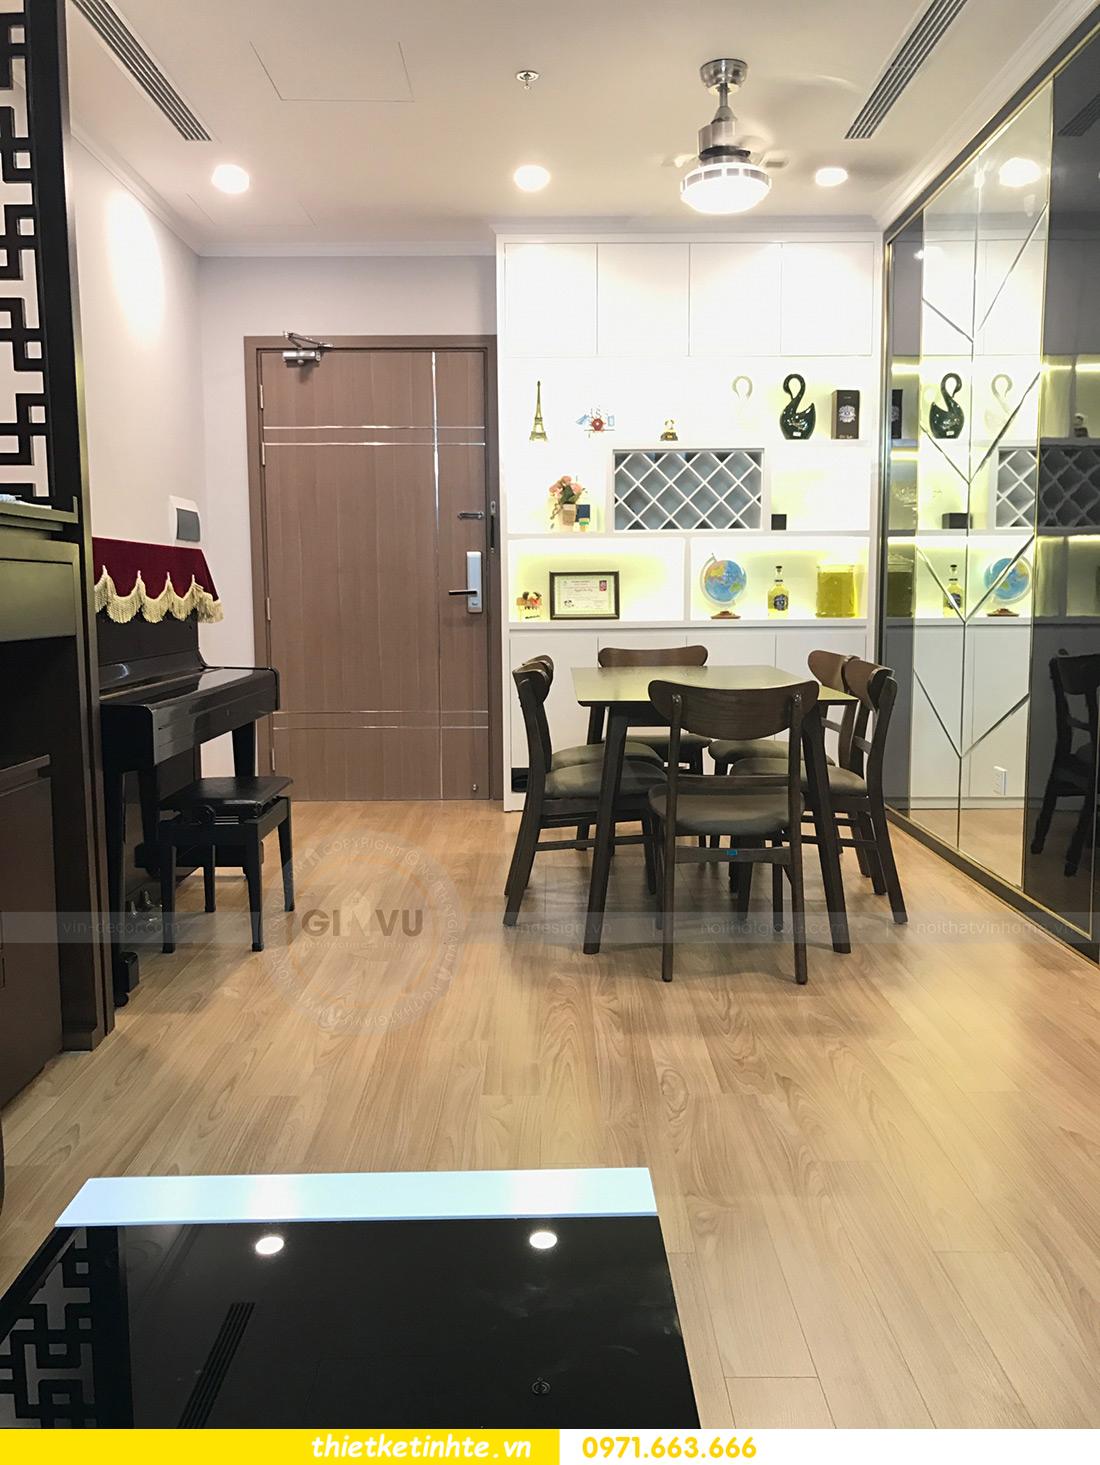 thi công hoàn thiện nội thất chung cư Gardenia chỉ với 200 triệu 04